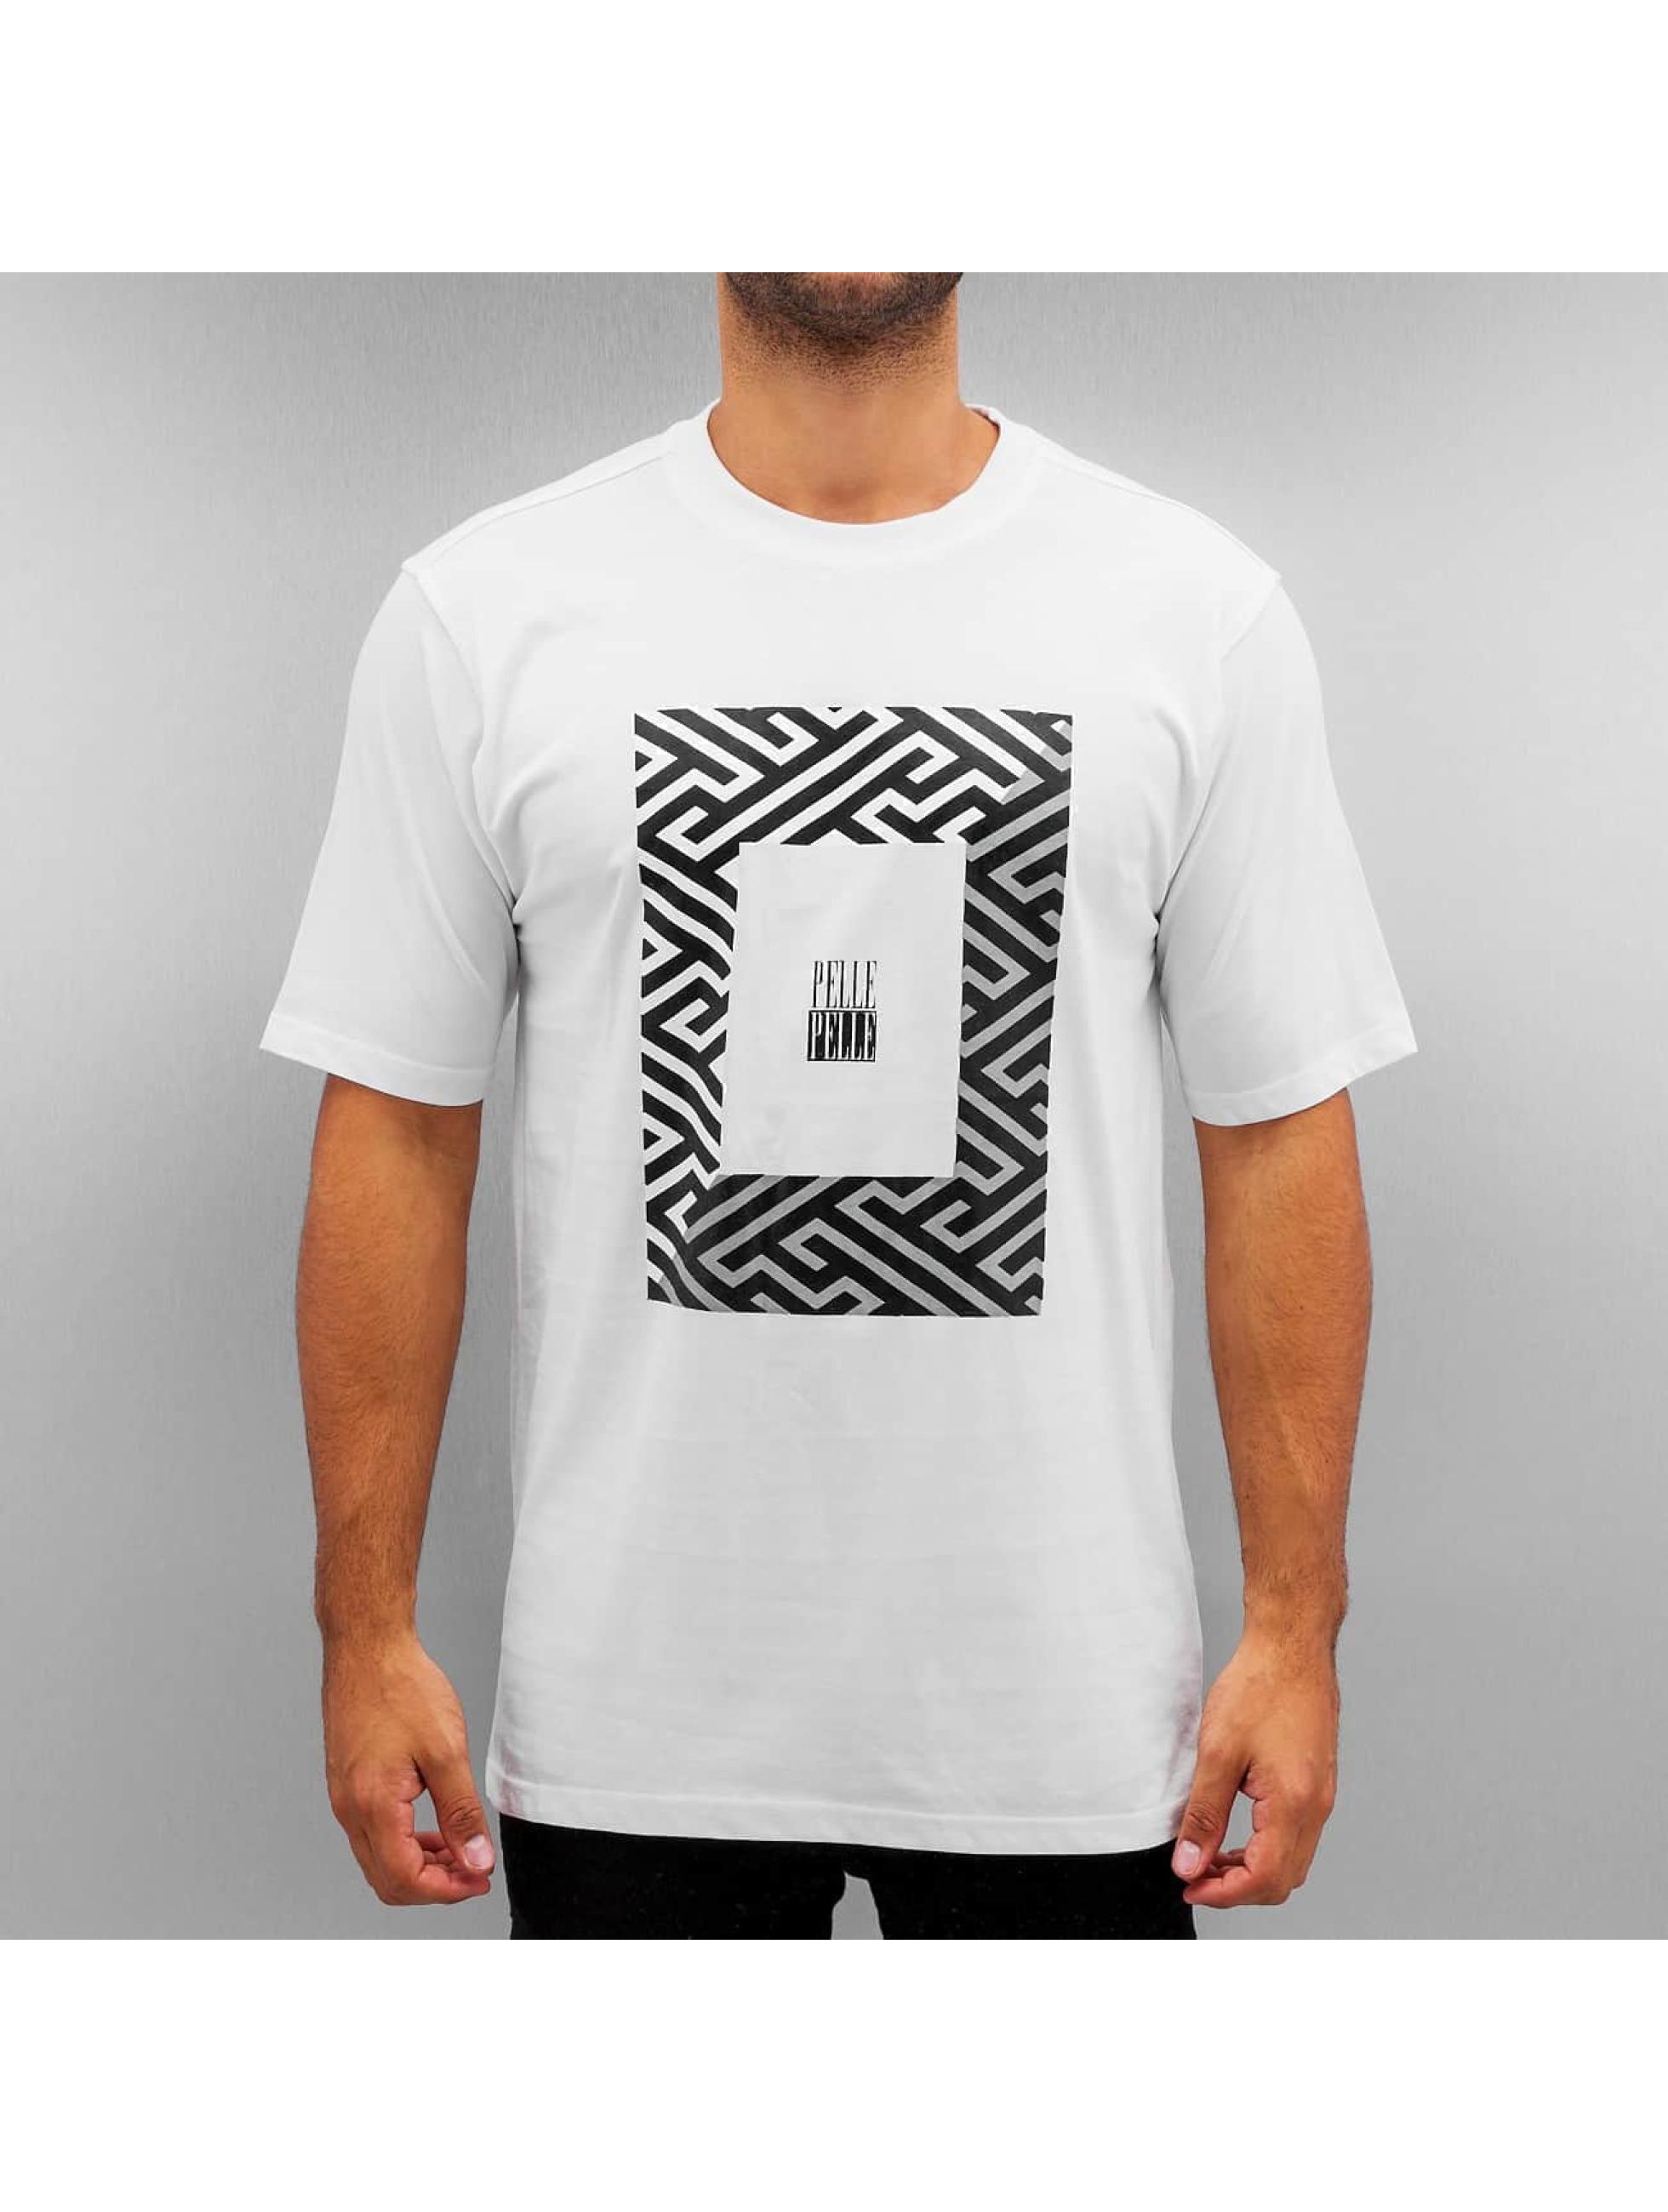 Pelle Pelle T-paidat 50/50 Dark Maze valkoinen